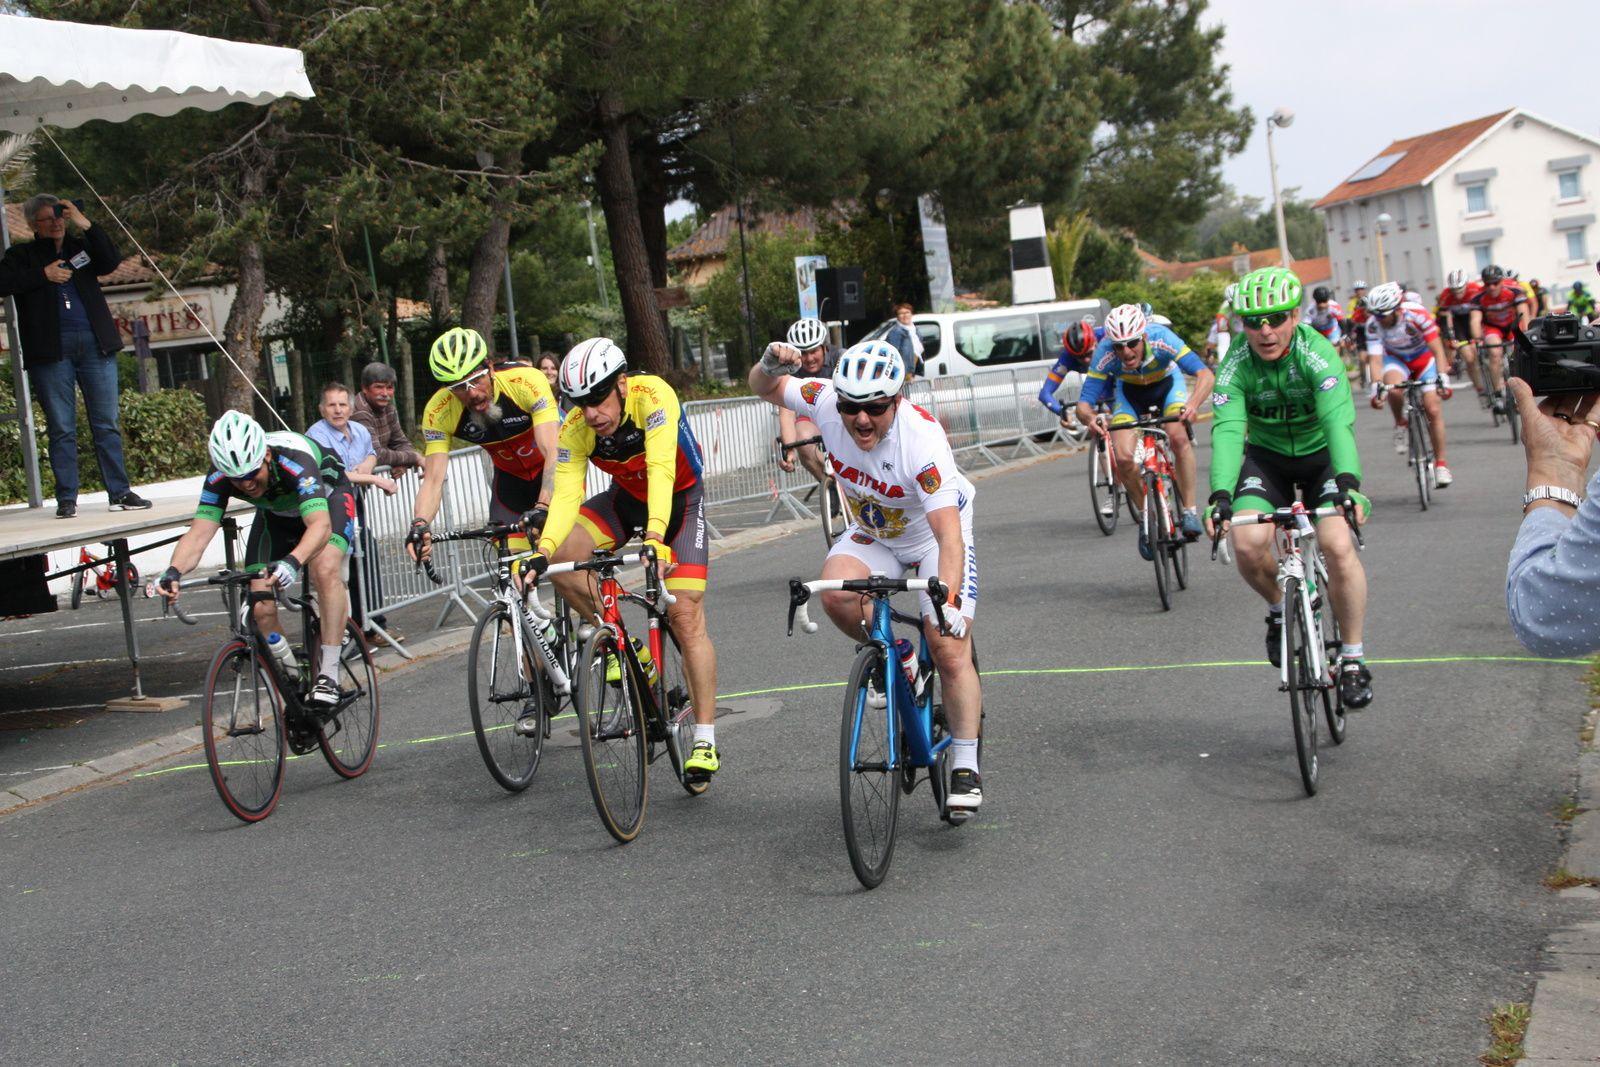 L'arrivée  au  sprint  du  peloton  et  la  victoire  pour  Frédéric  PERMENAS(VC  Matha), 2e  Patrice  OCQUETEAU(TC  Chateau  d'Oléron), 3e  Bruno  LEVERTOUT (Brie LC), 4e  Pierre  GILLET(TC  Chateau d'Oléron), 5e  Michaél  SERVOUZE(VC  Montmorillon),6e  Stéphane  DENIS(FS St Hilaire),7e  Emmanuel  DAZY(T  St Sauveur)